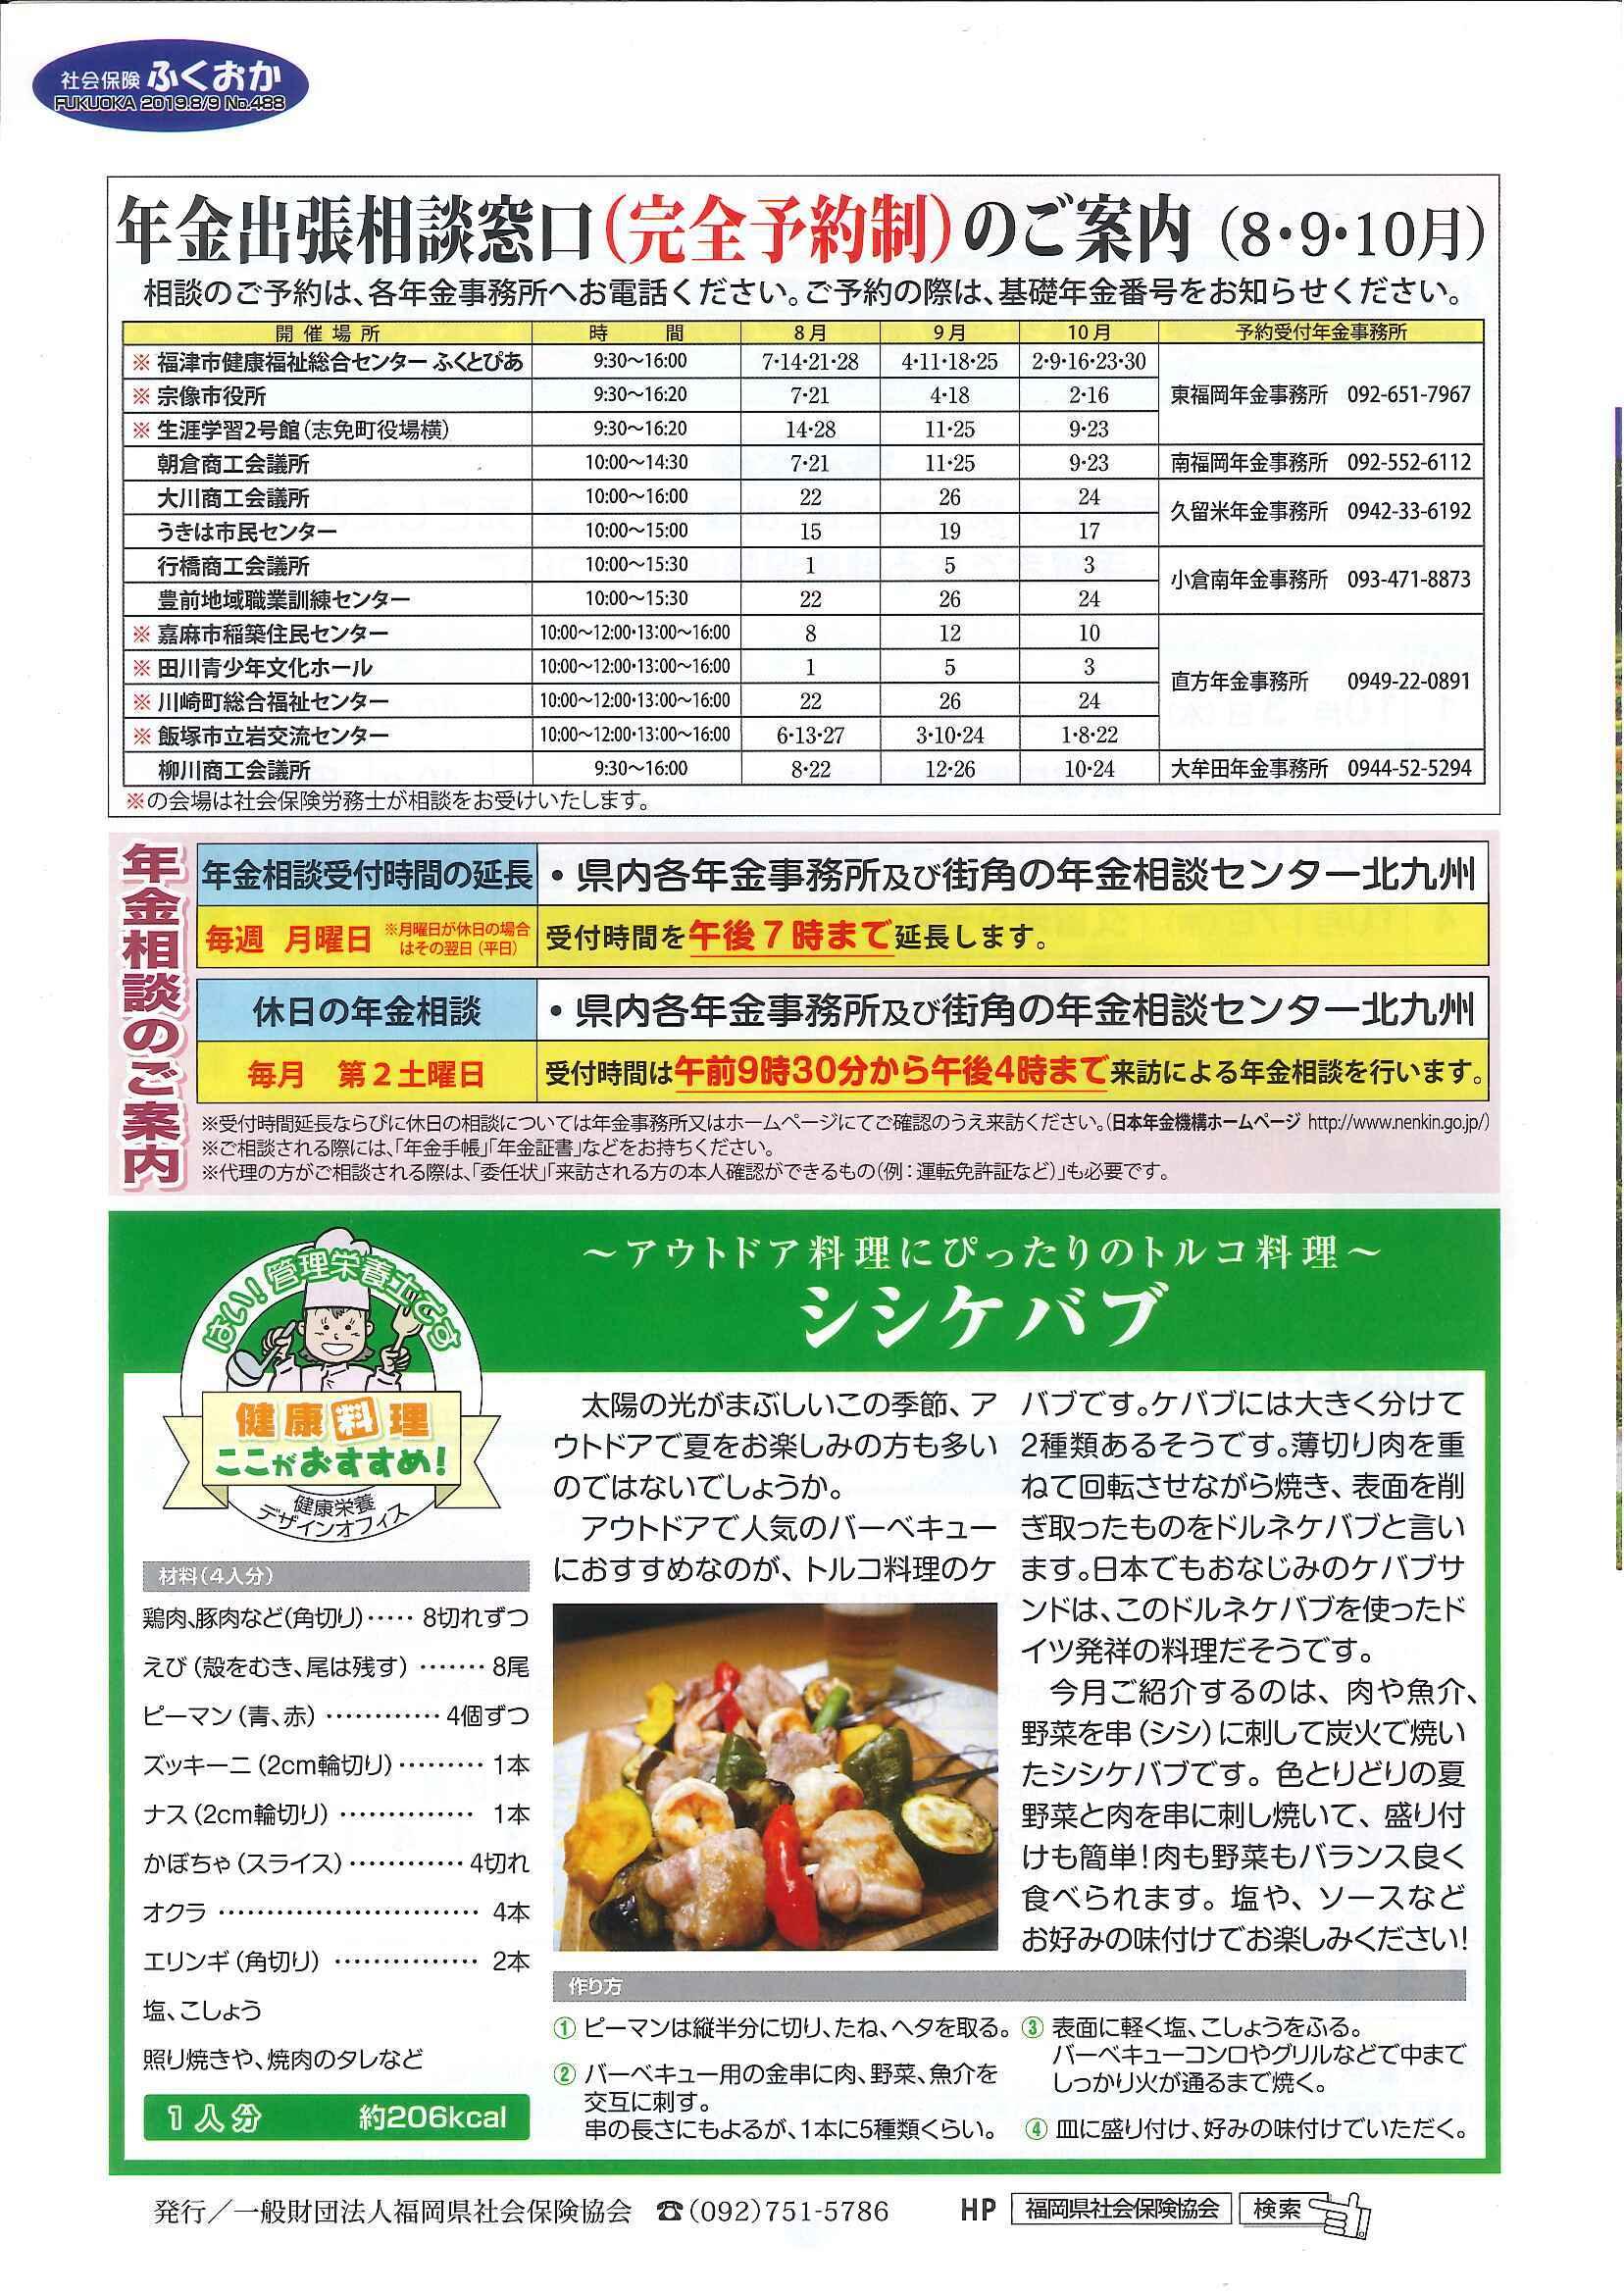 社会保険 ふくおか 2019年8・9月号_f0120774_15463446.jpg